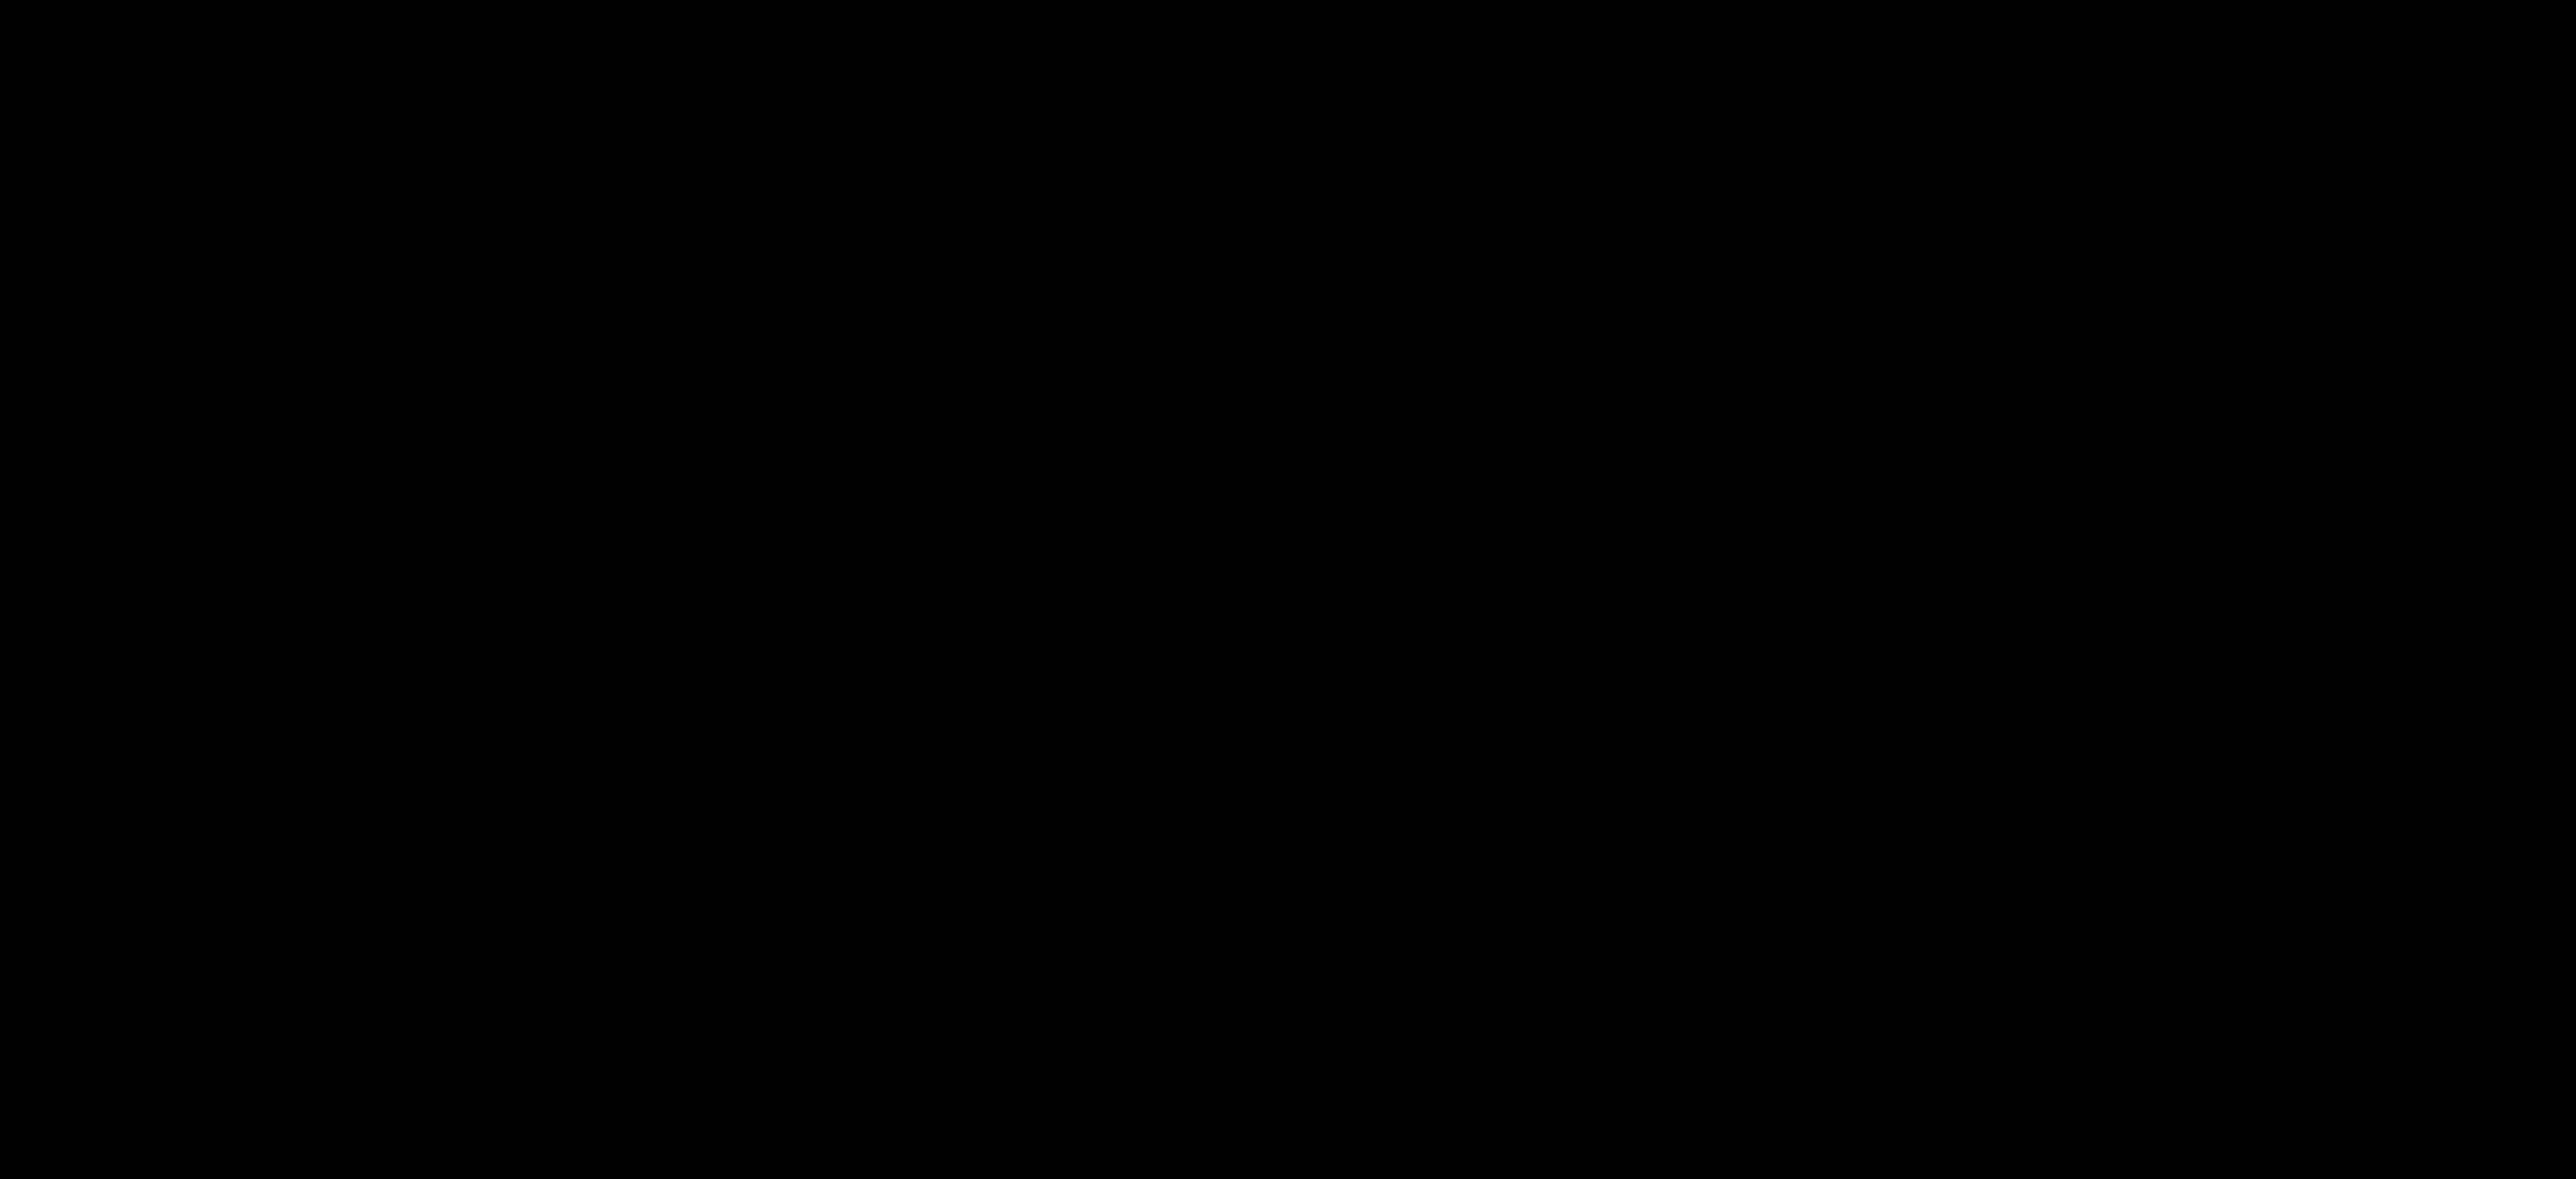 Офис на последнем этаже, вид из окна